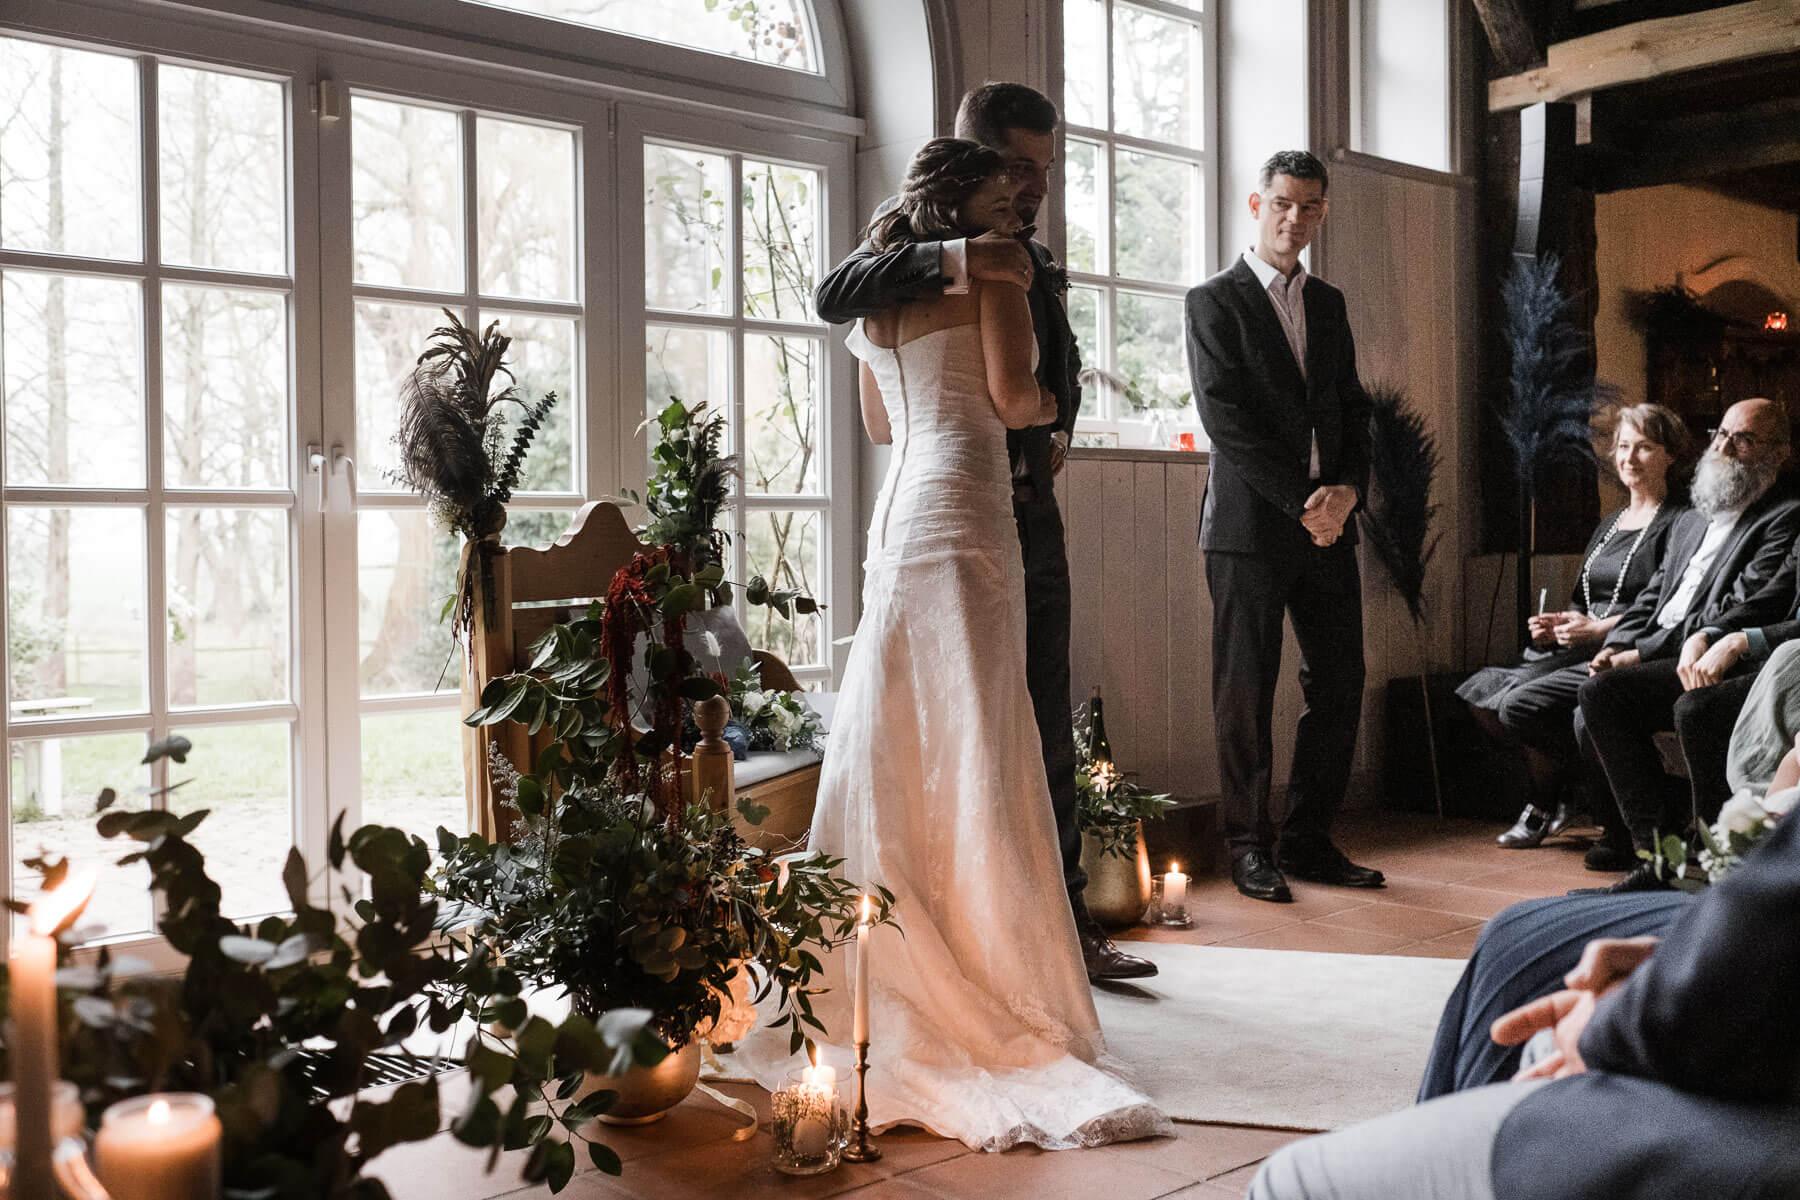 das Brautpaar steht vo einer goßen, hellen Bogentür in einem Landhaus, der Bräutigam legt seine Arm um die Braut, sie schauen in die Richtung ihrer Gäste